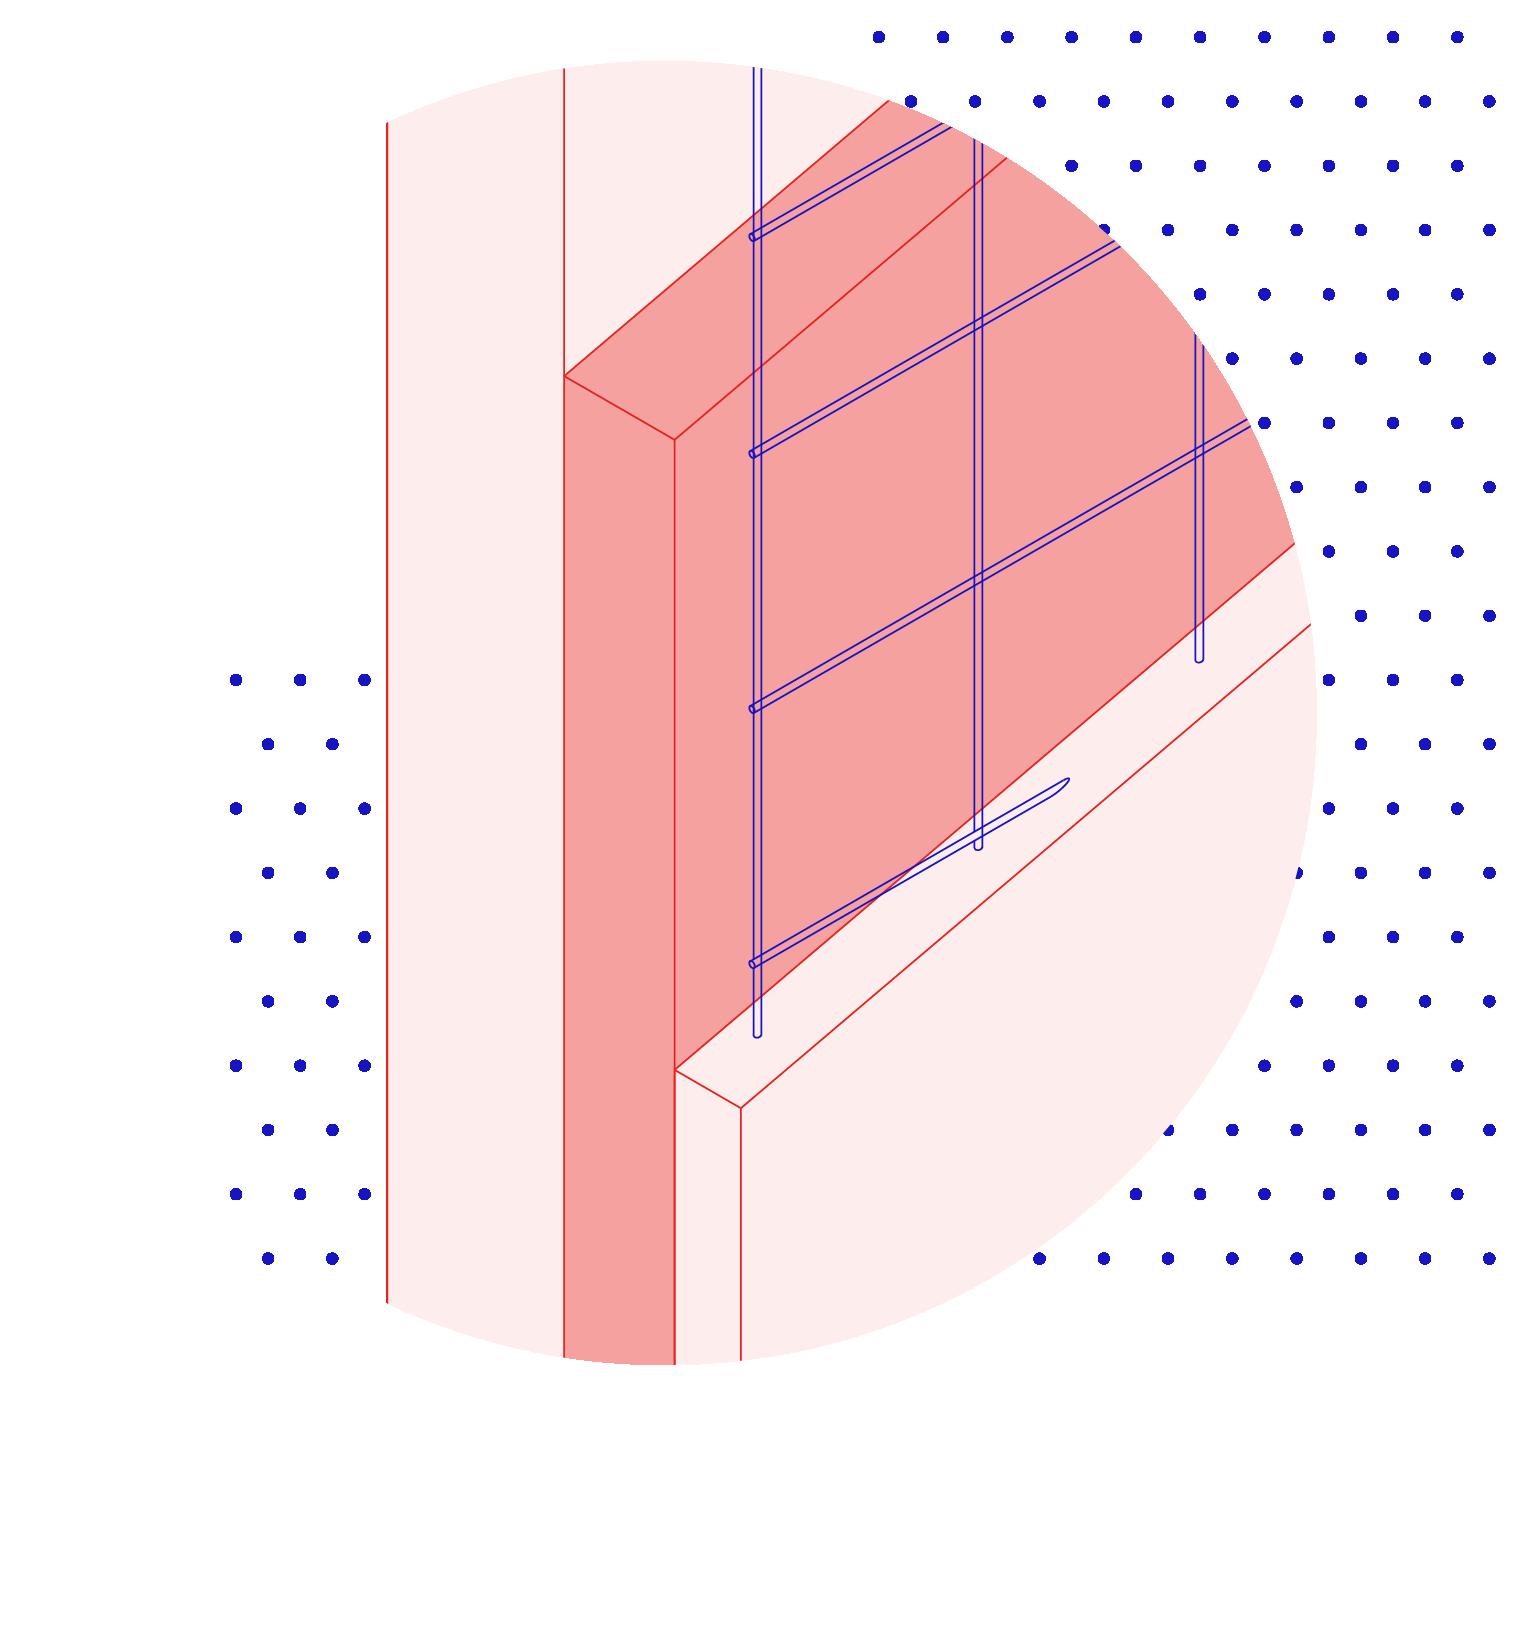 pannello-taglio-termico